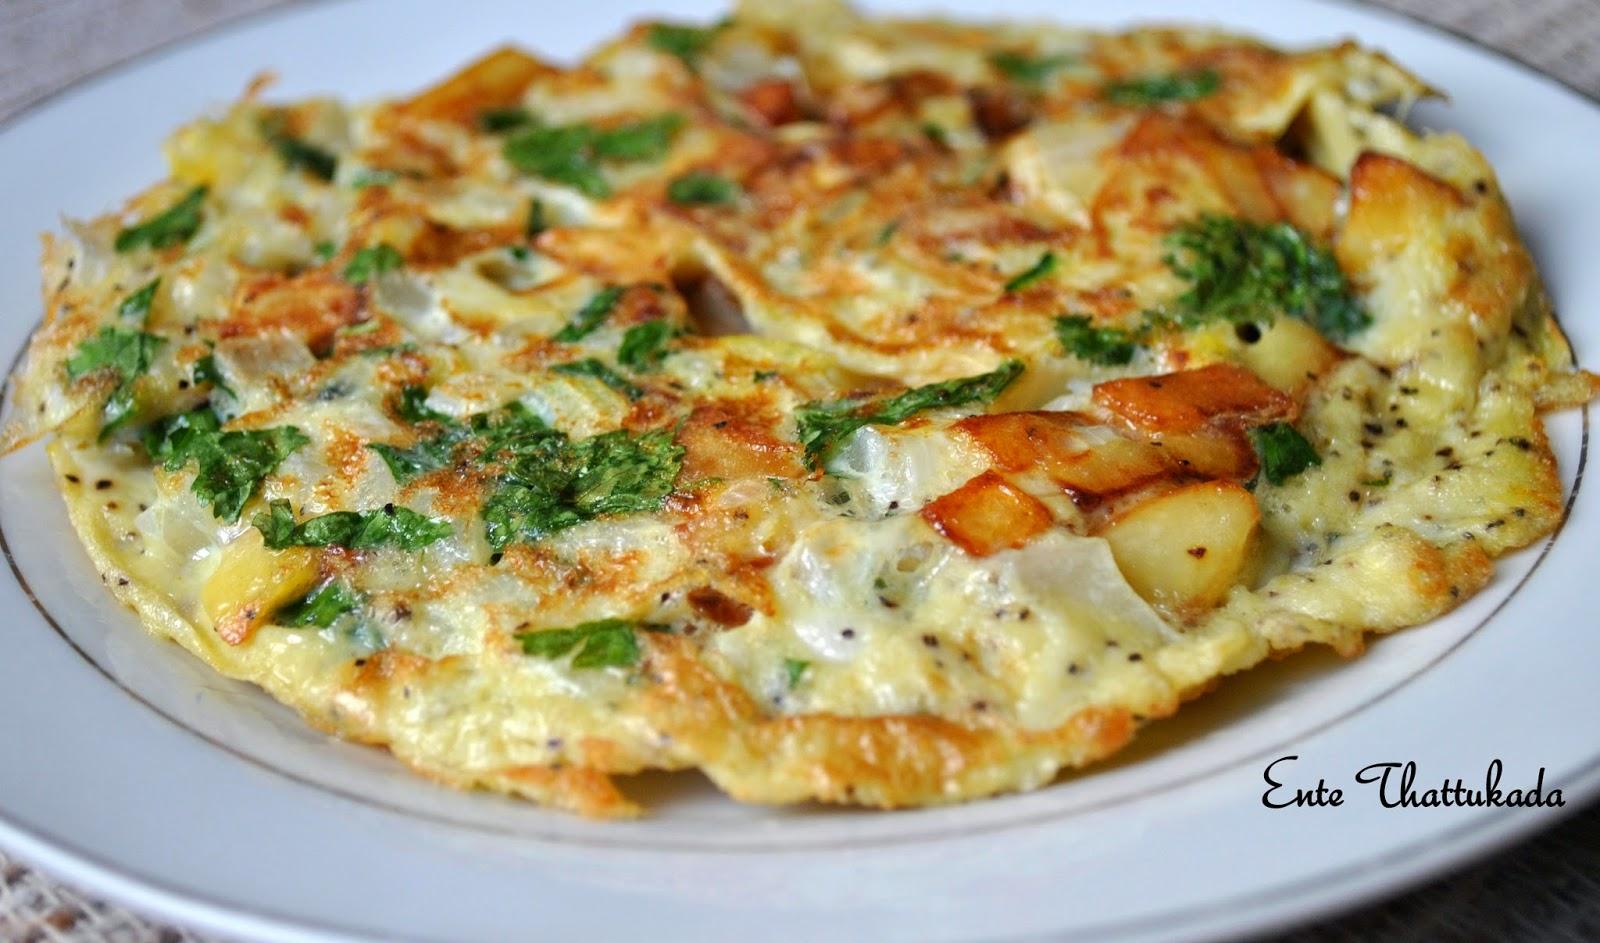 ... omelette brunch recipe spanish omelette 12 tomatoes spanish omelet